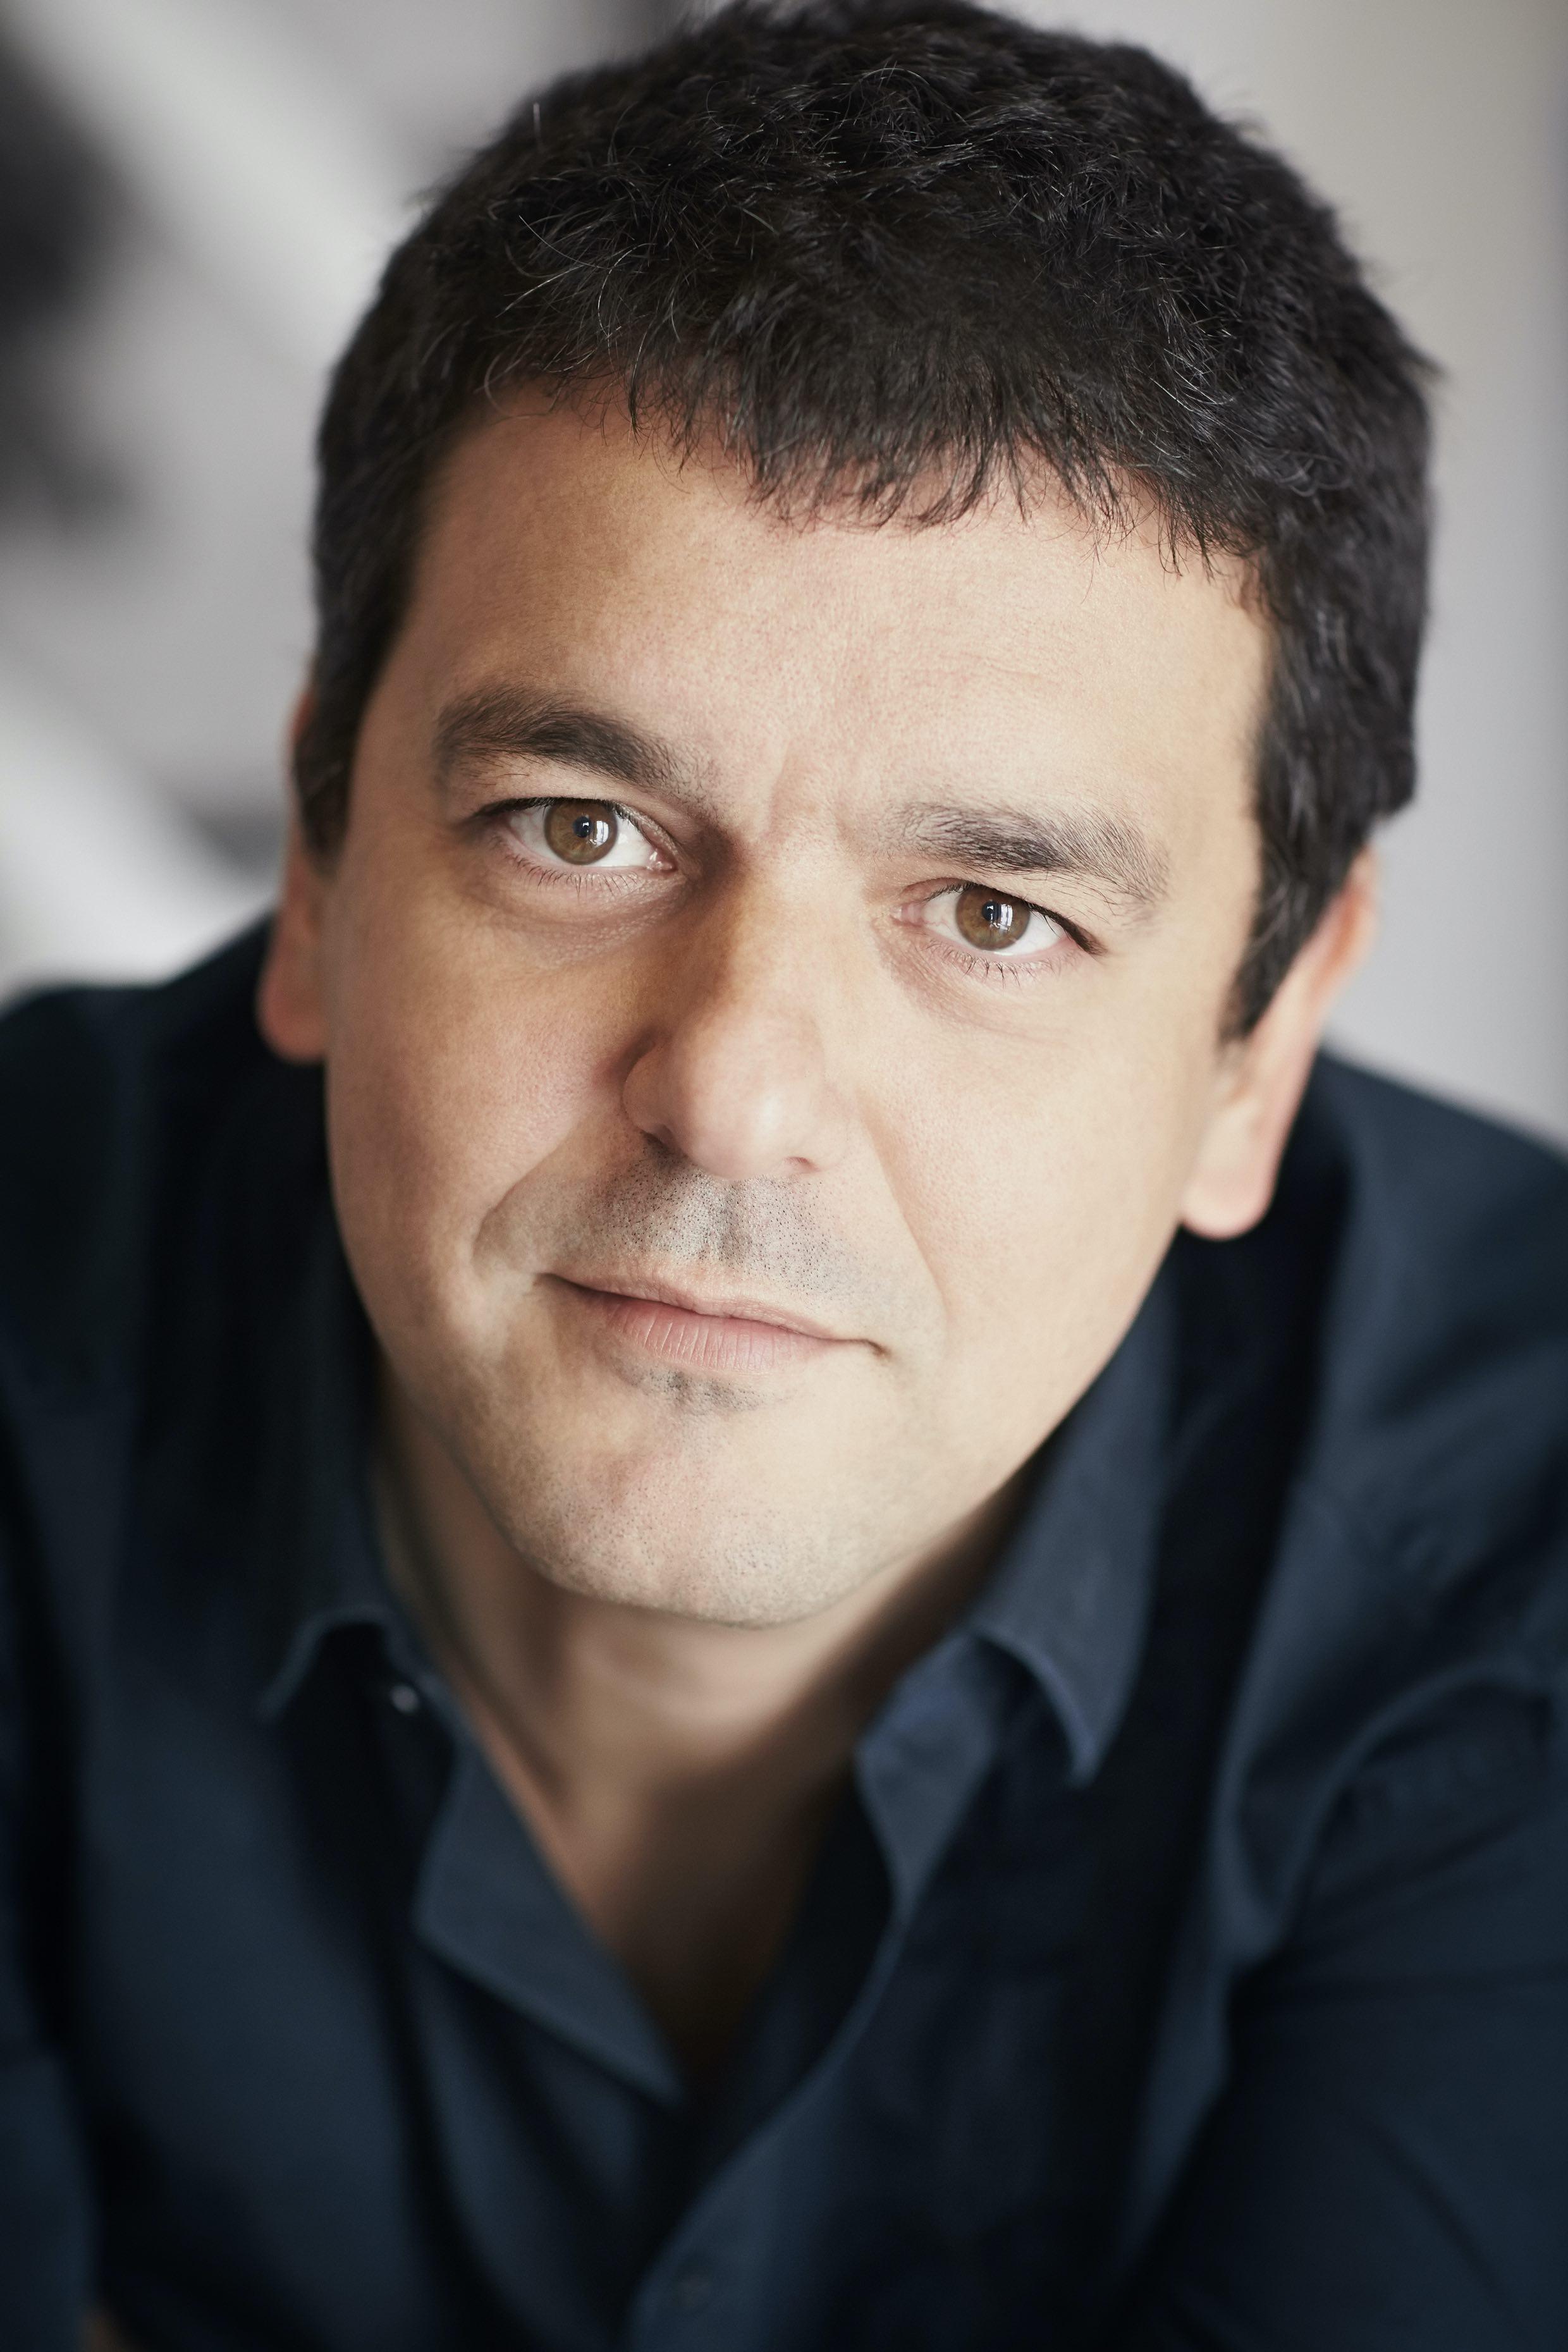 Joan Sfarr